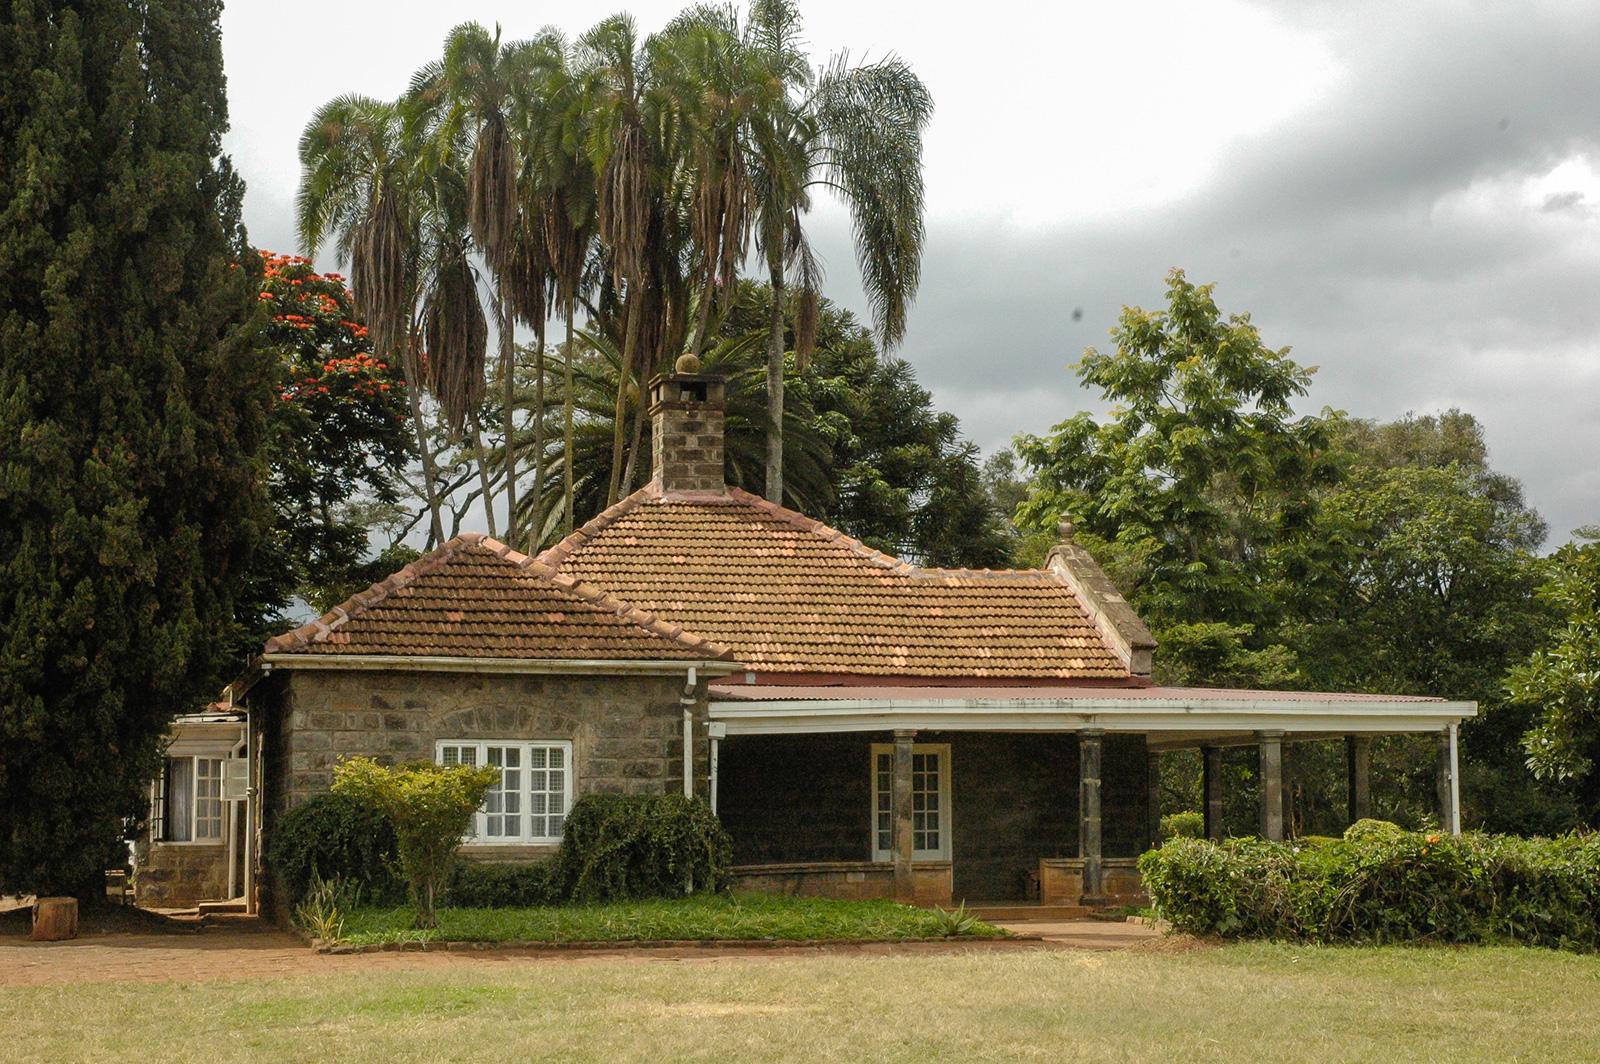 Museu Karen Blixen em Nairobi - a antiga casa do escritor